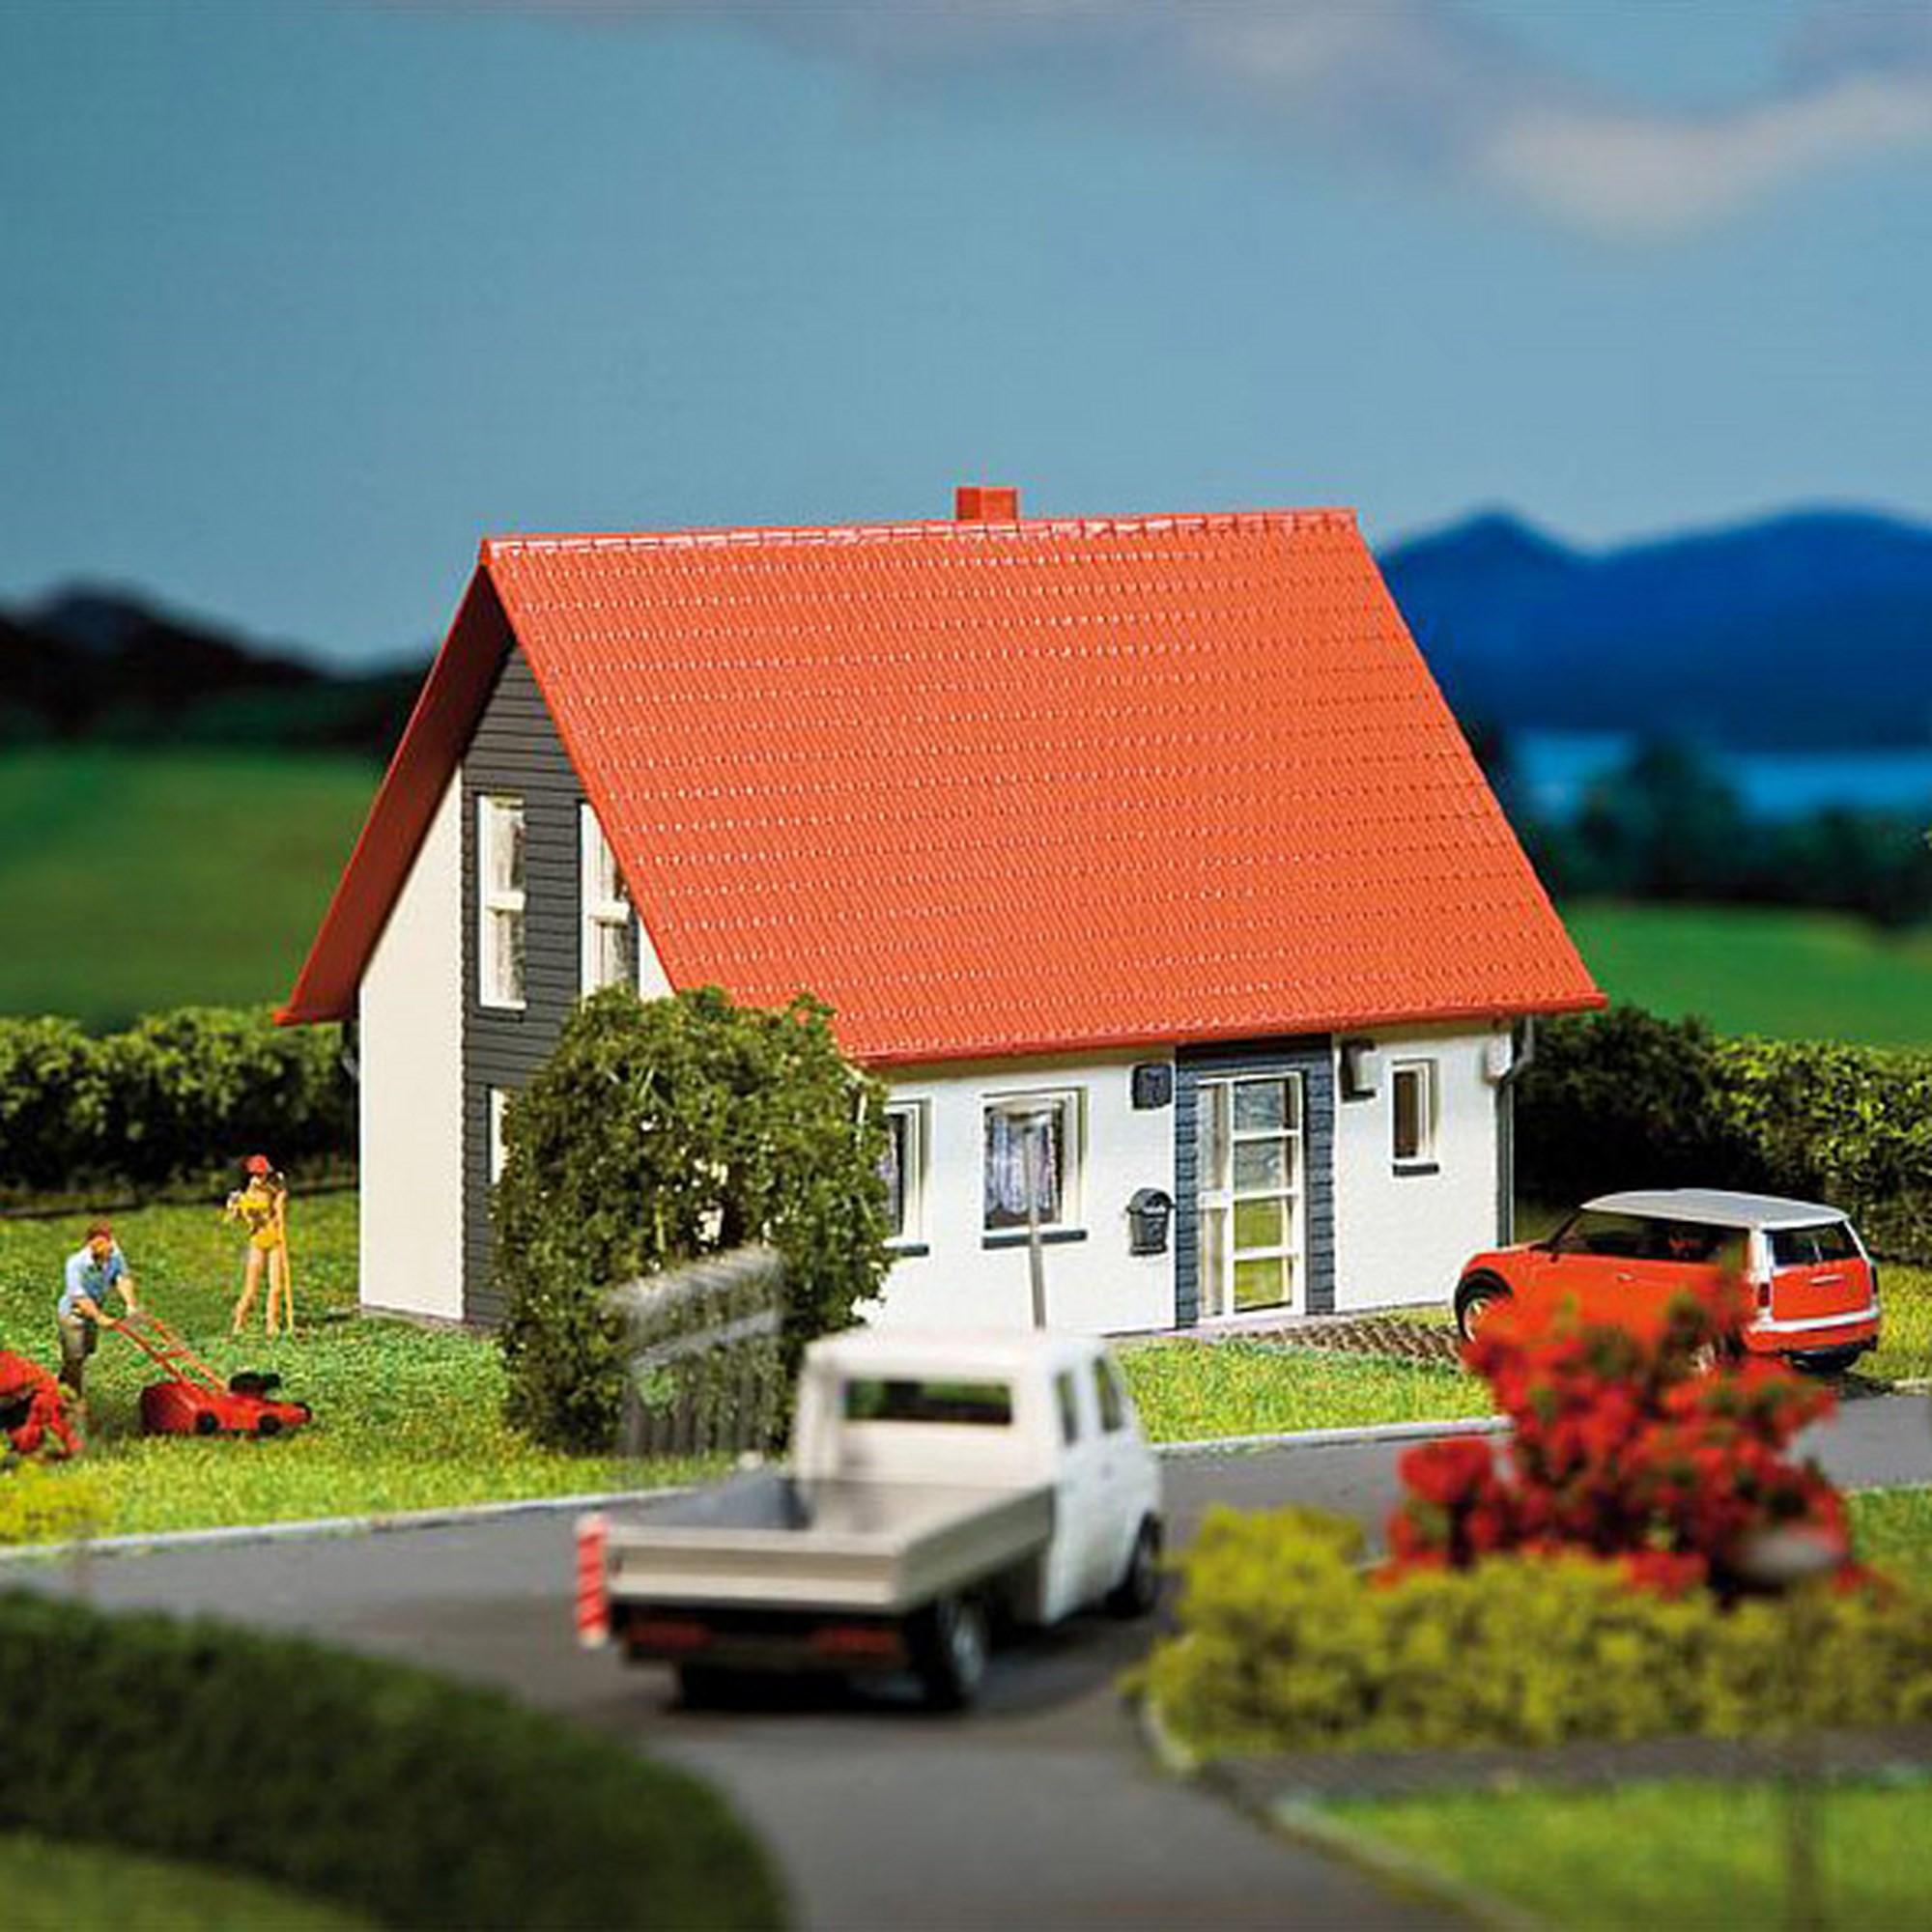 Faller 130640 maison individuelle 127x126x88 mm nouveau neuf dans sa boîte habitation